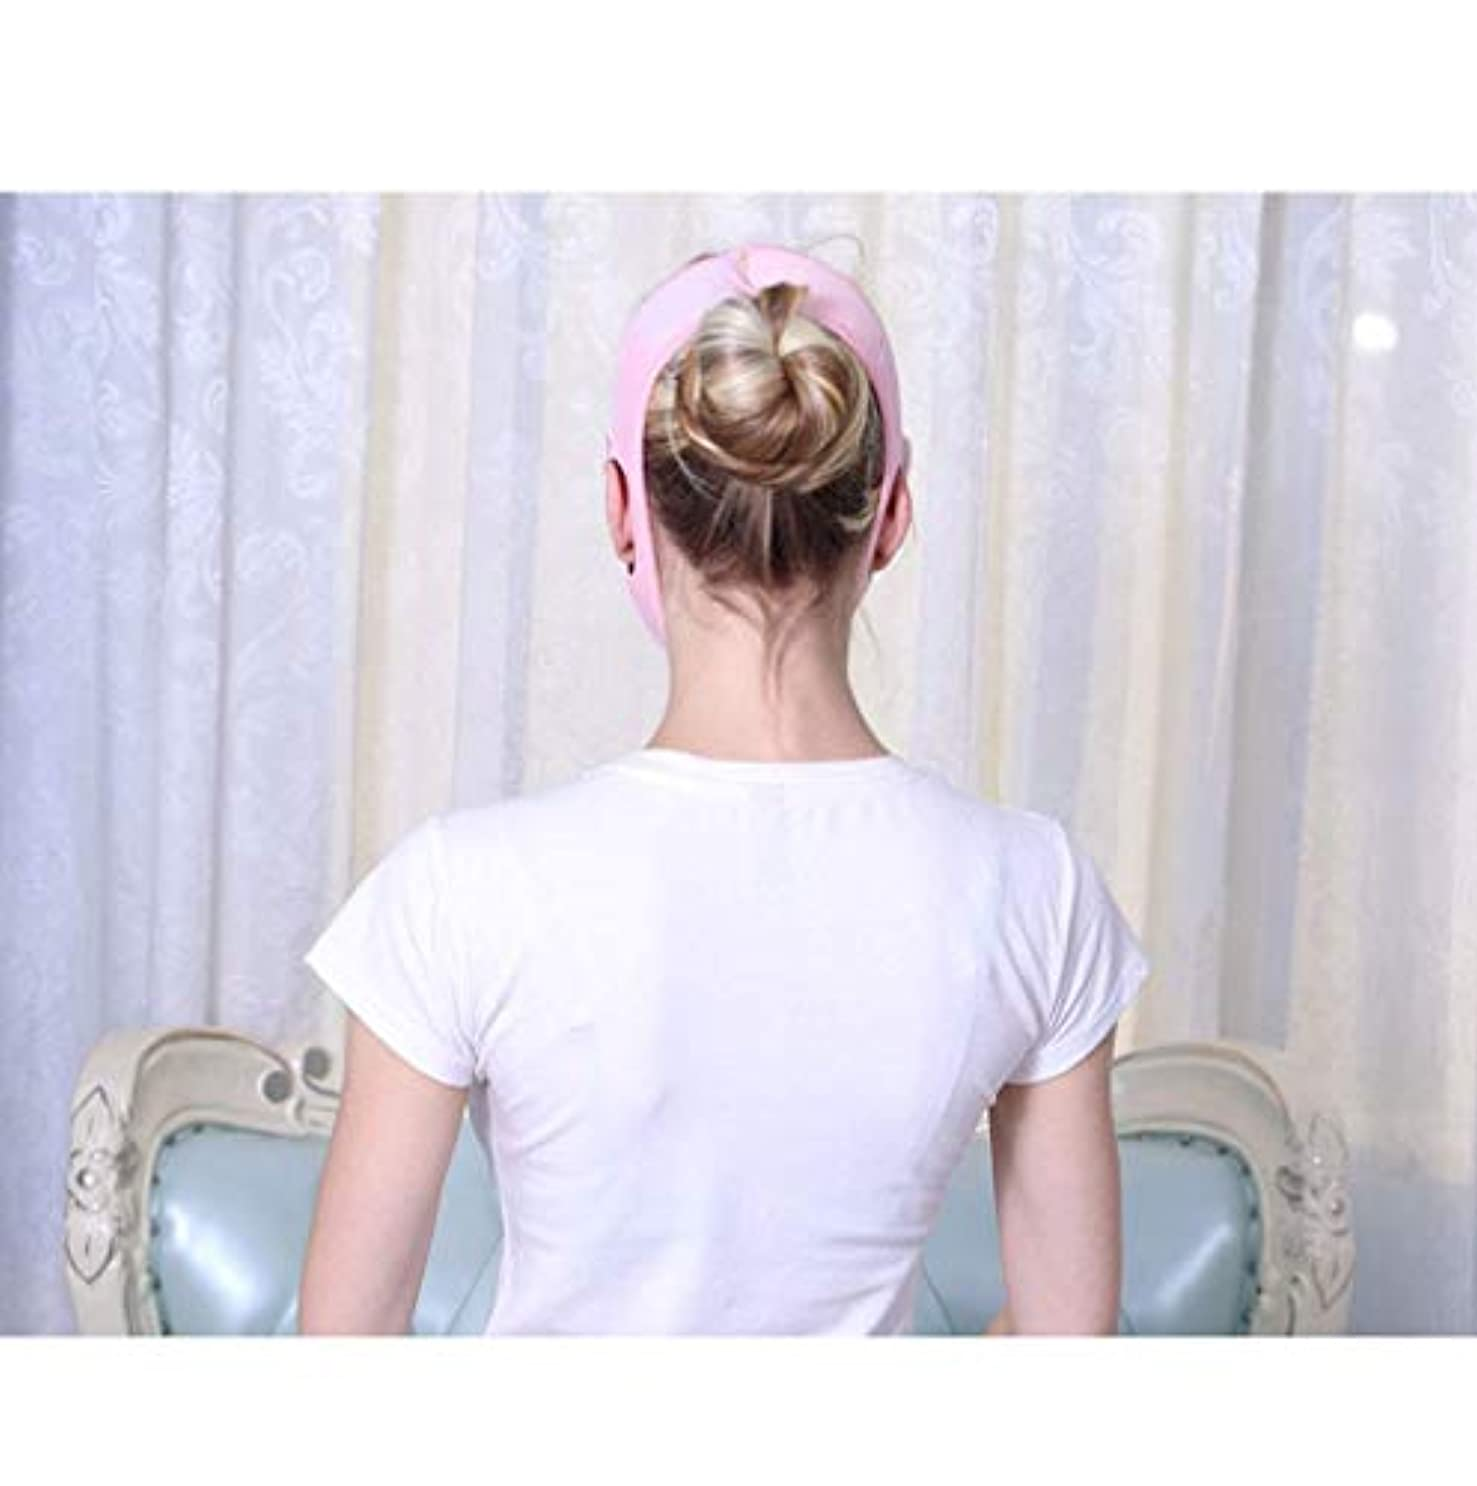 打撃逸脱反響する薄型フェイスベルト、V字絆創膏ダブルマスクあご取り法用マスクリフティングファーミングスリーピングマスク(カラー:ホワイト),ピンク